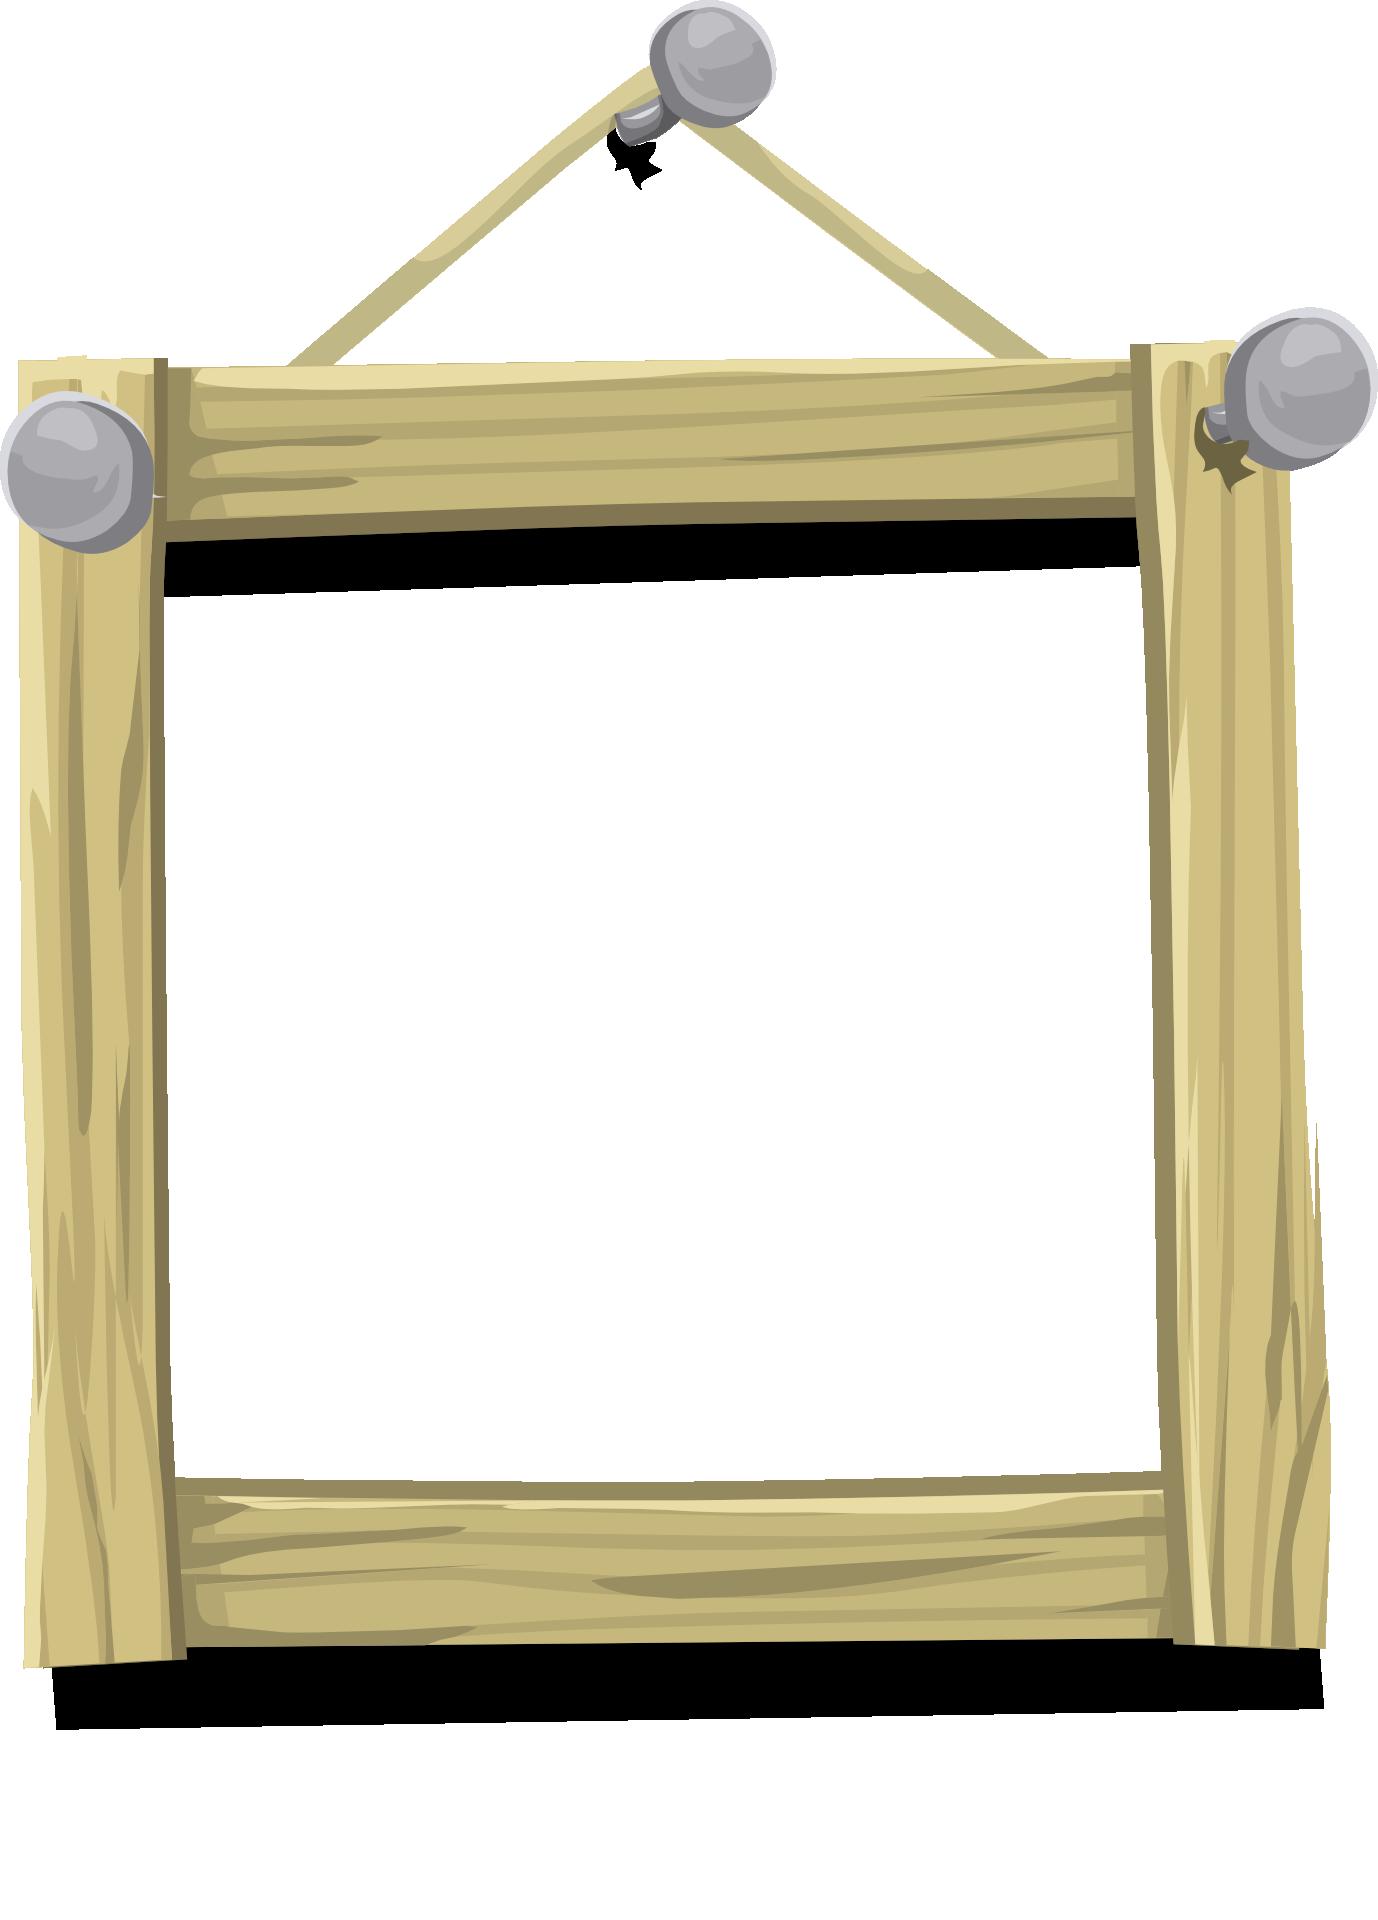 Frame khung ảnh treo tường